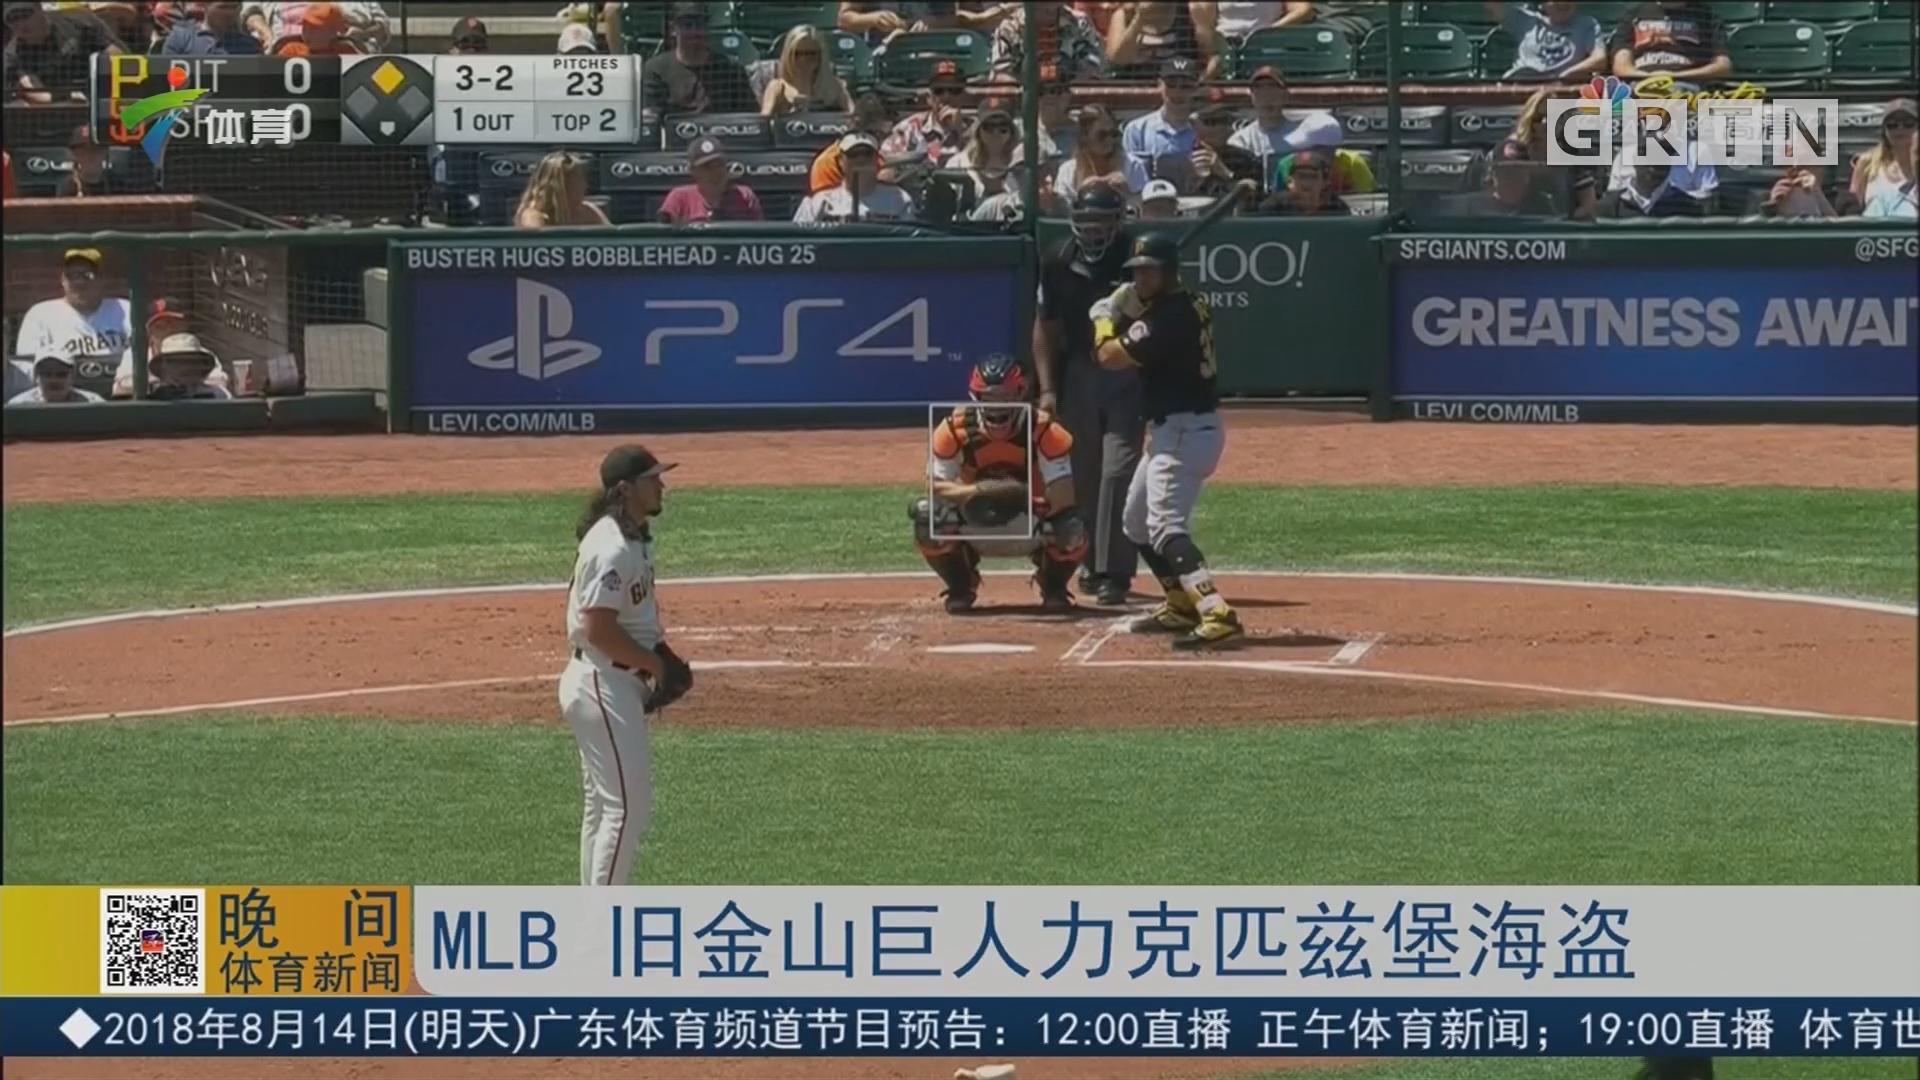 MLB 旧金山巨人力克匹兹堡海盗